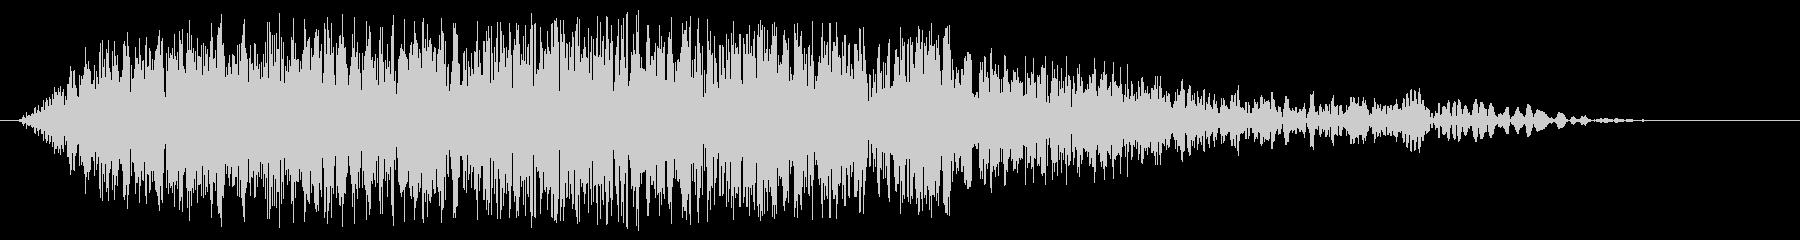 ニュースのオープニングの効果音(速い)の未再生の波形